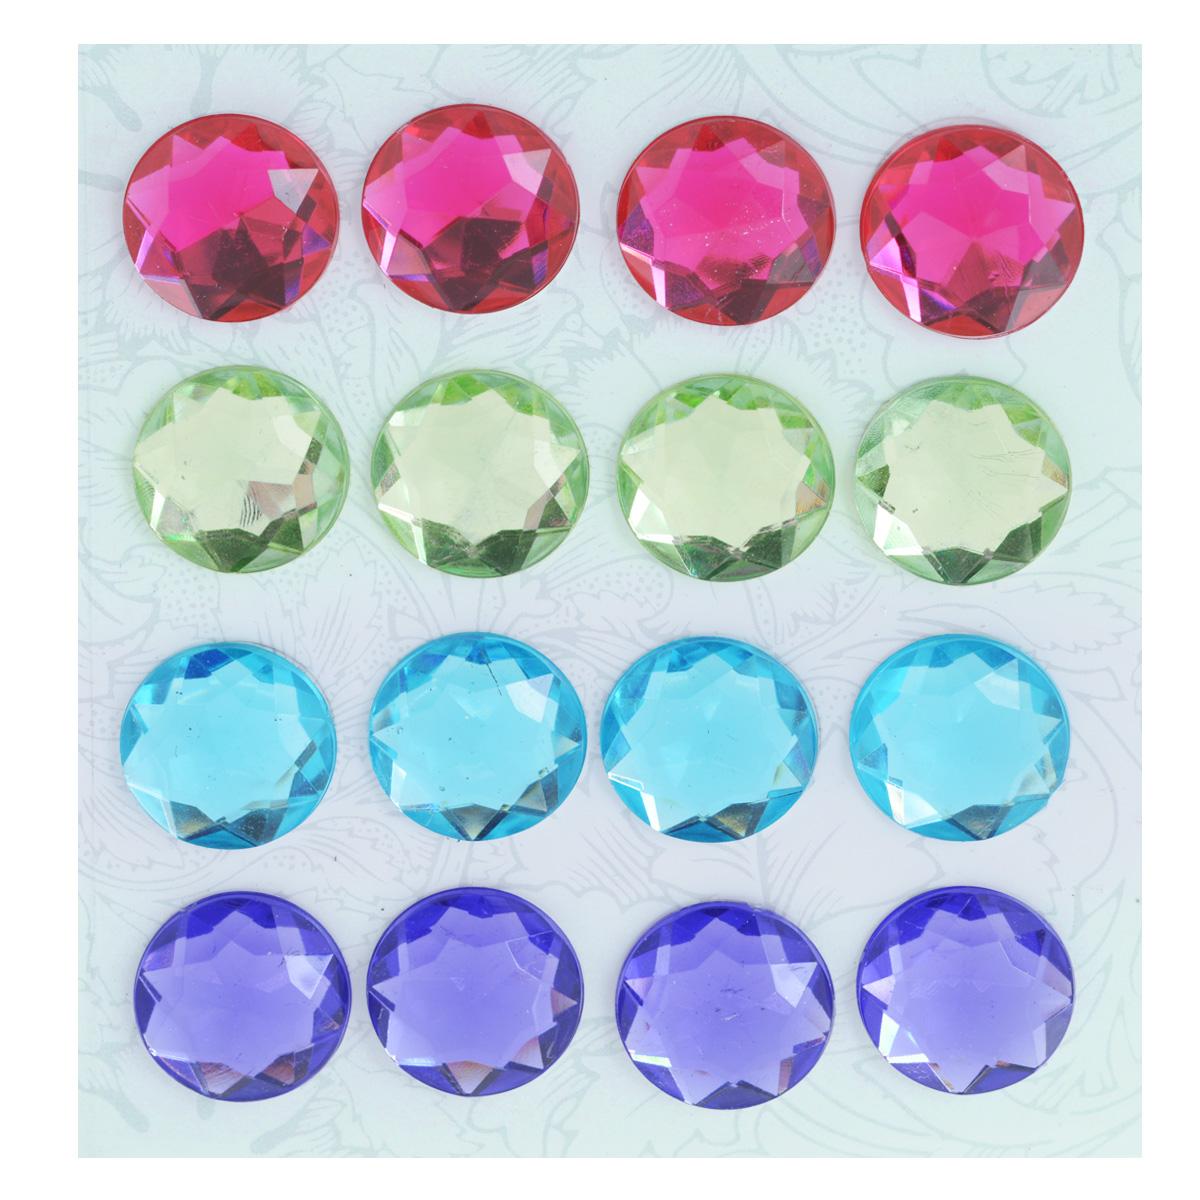 Наклейки декоративные Астра, диаметр 20 мм, 16 шт. 77084187708418Декоративные наклейки Астра, изготовленные из пластика, прекрасно подойдут для оформления творческих работ в технике скрапбукинга. Их можно использовать для украшения фотоальбомов, скрап-страничек, подарков, конвертов, фоторамок, открыток и т.д. Объемные разноцветные наклейки круглой формы с рельефной поверхностью оснащены задней клейкой стороной. Скрапбукинг - это хобби, которое способно приносить массу приятных эмоций не только человеку, который этим занимается, но и его близким, друзьям, родным. Это невероятно увлекательное занятие, которое поможет вам сохранить наиболее памятные и яркие моменты вашей жизни, а также интересно оформить интерьер дома. Диаметр наклейки: 20 мм.